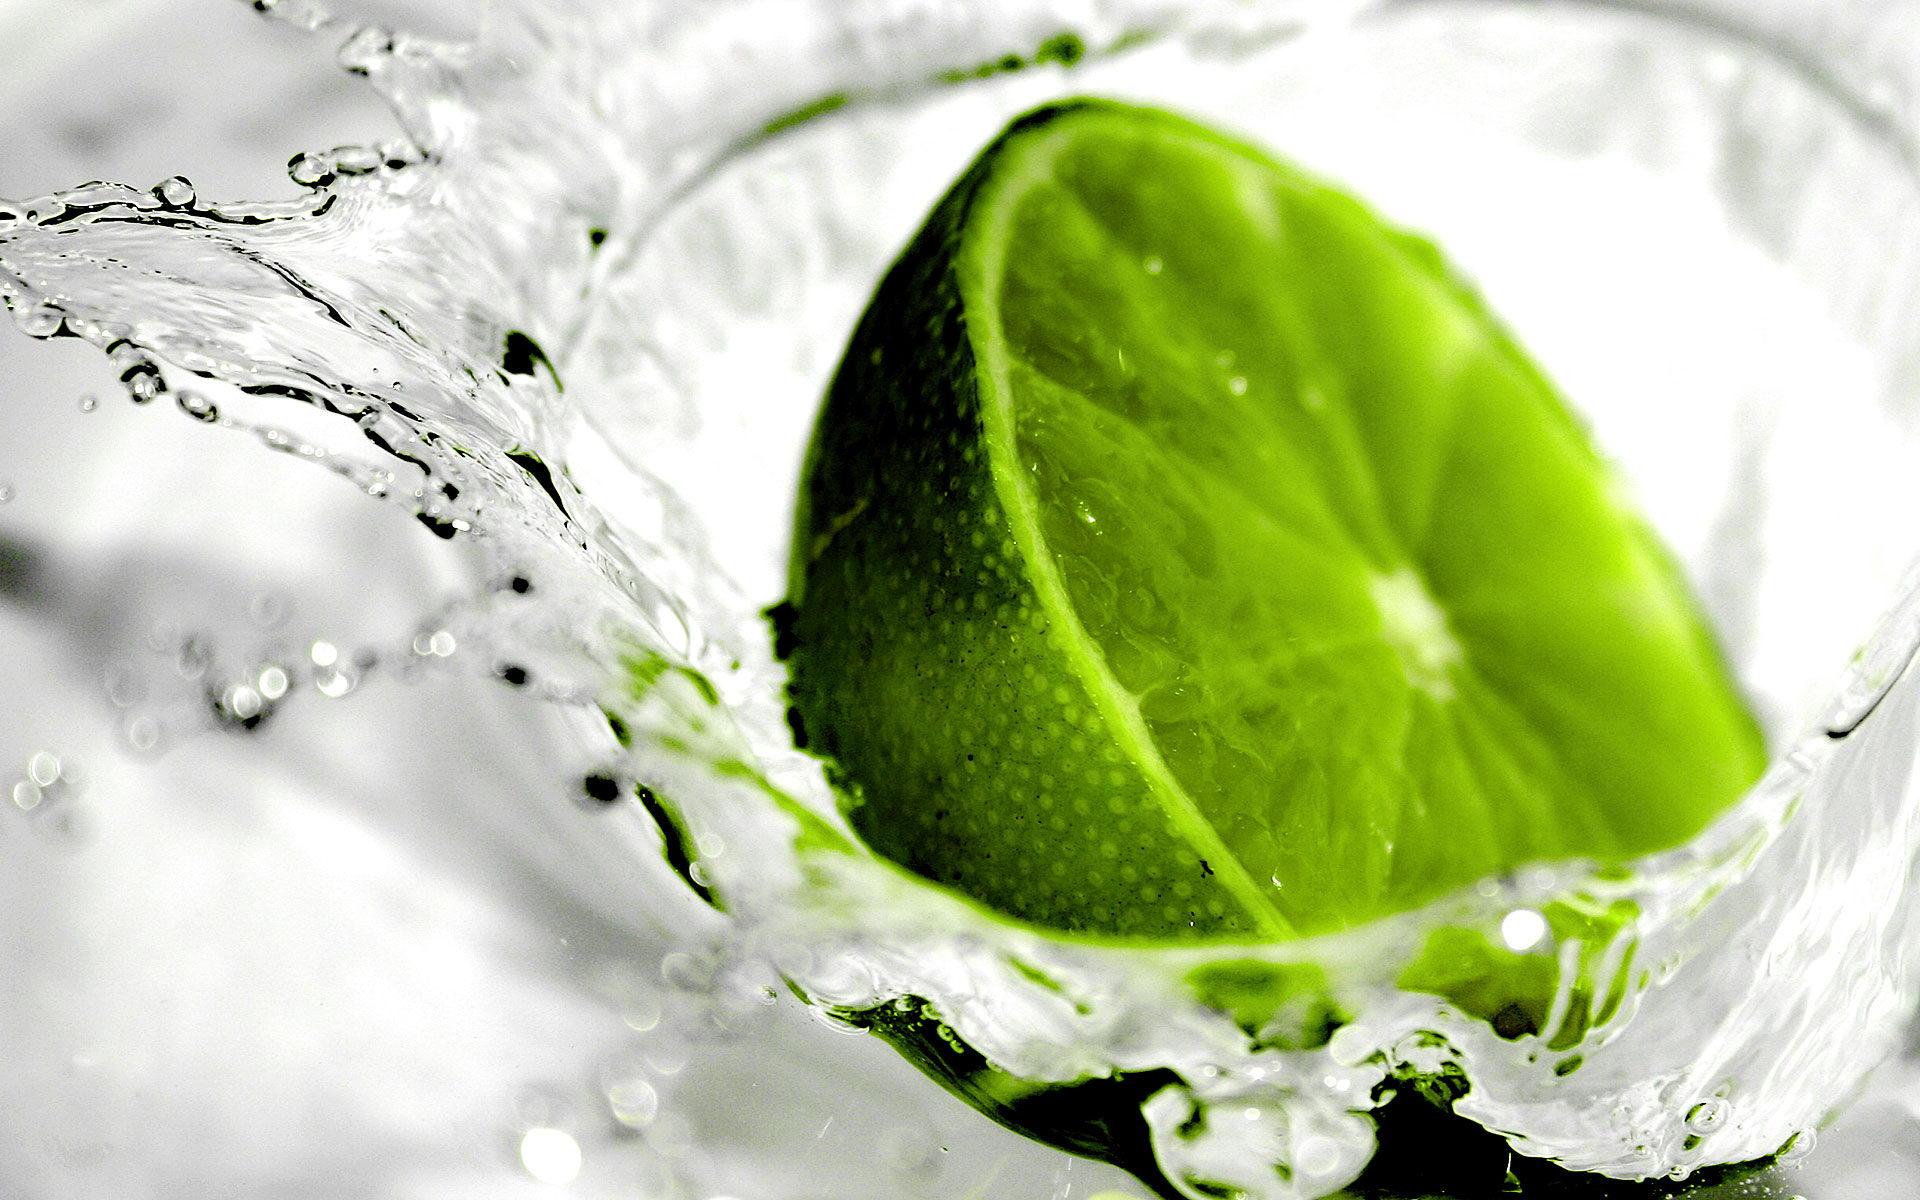 fond-ecran-citron-vert